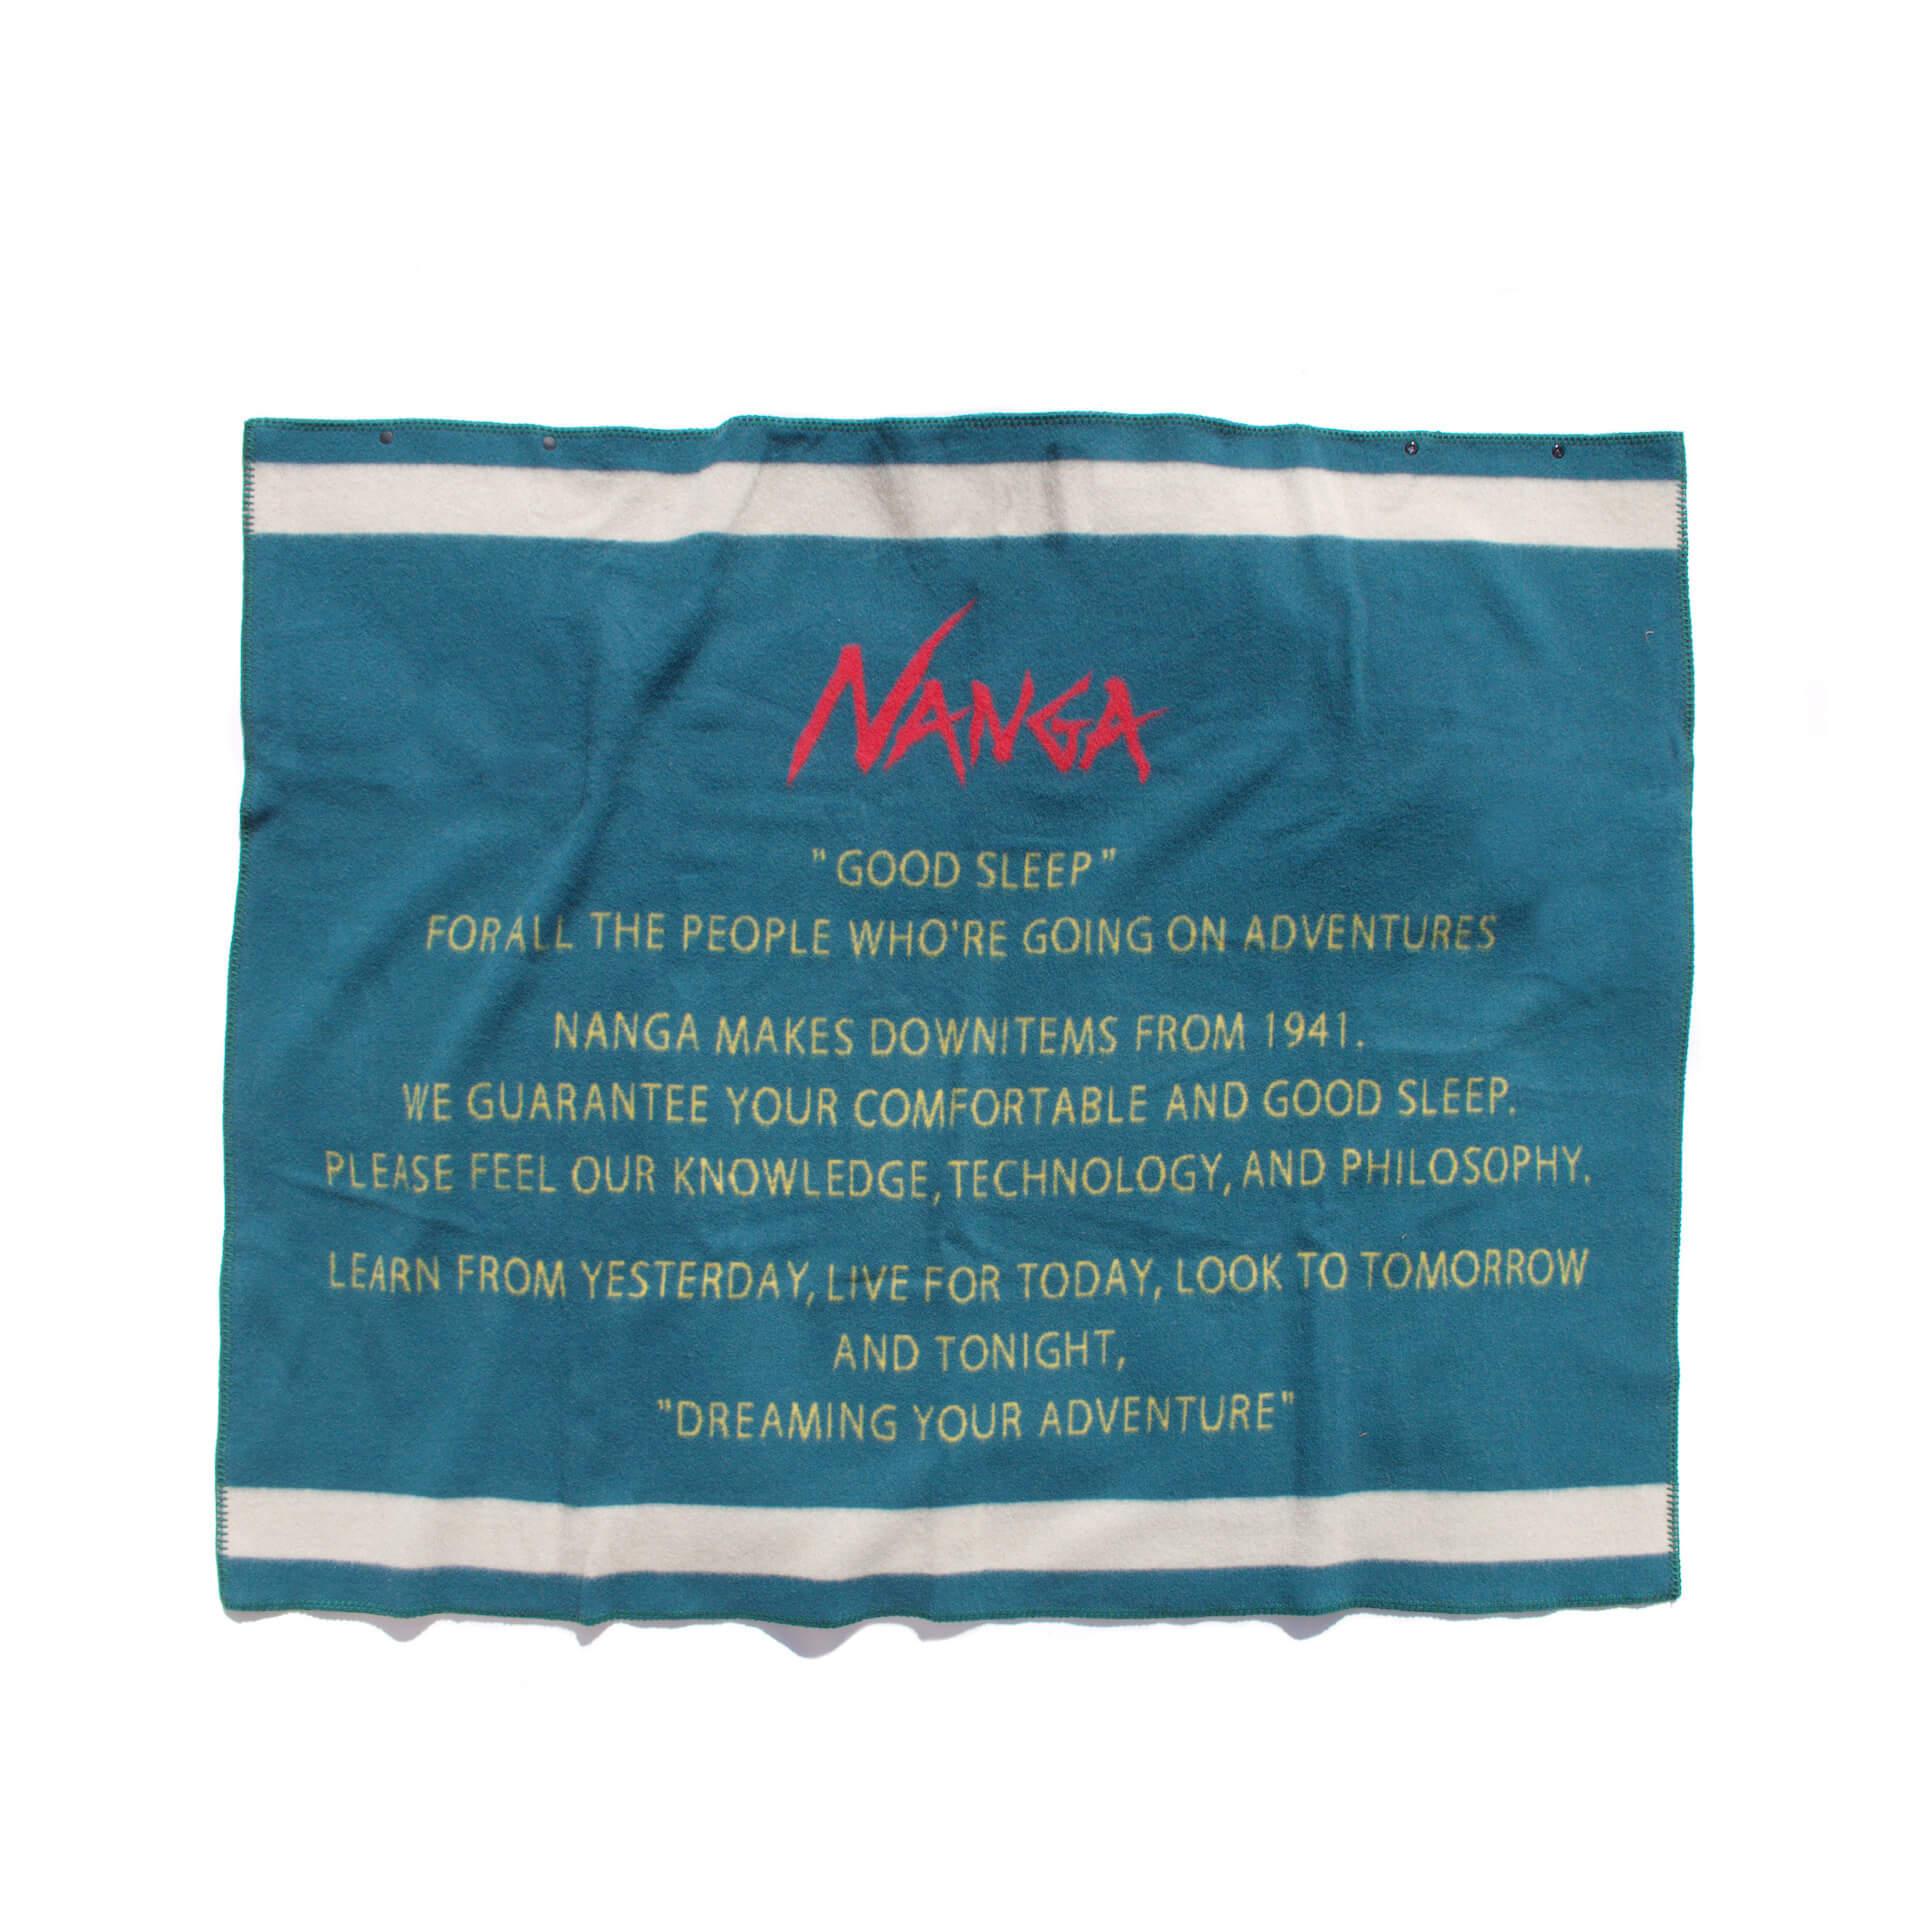 ダウンプロダクトメーカーのNANGAがGO OUT Onlineを完全ジャック!豪華アイテムが抽選で当たるプレゼント企画も fashion211012_nanga-01